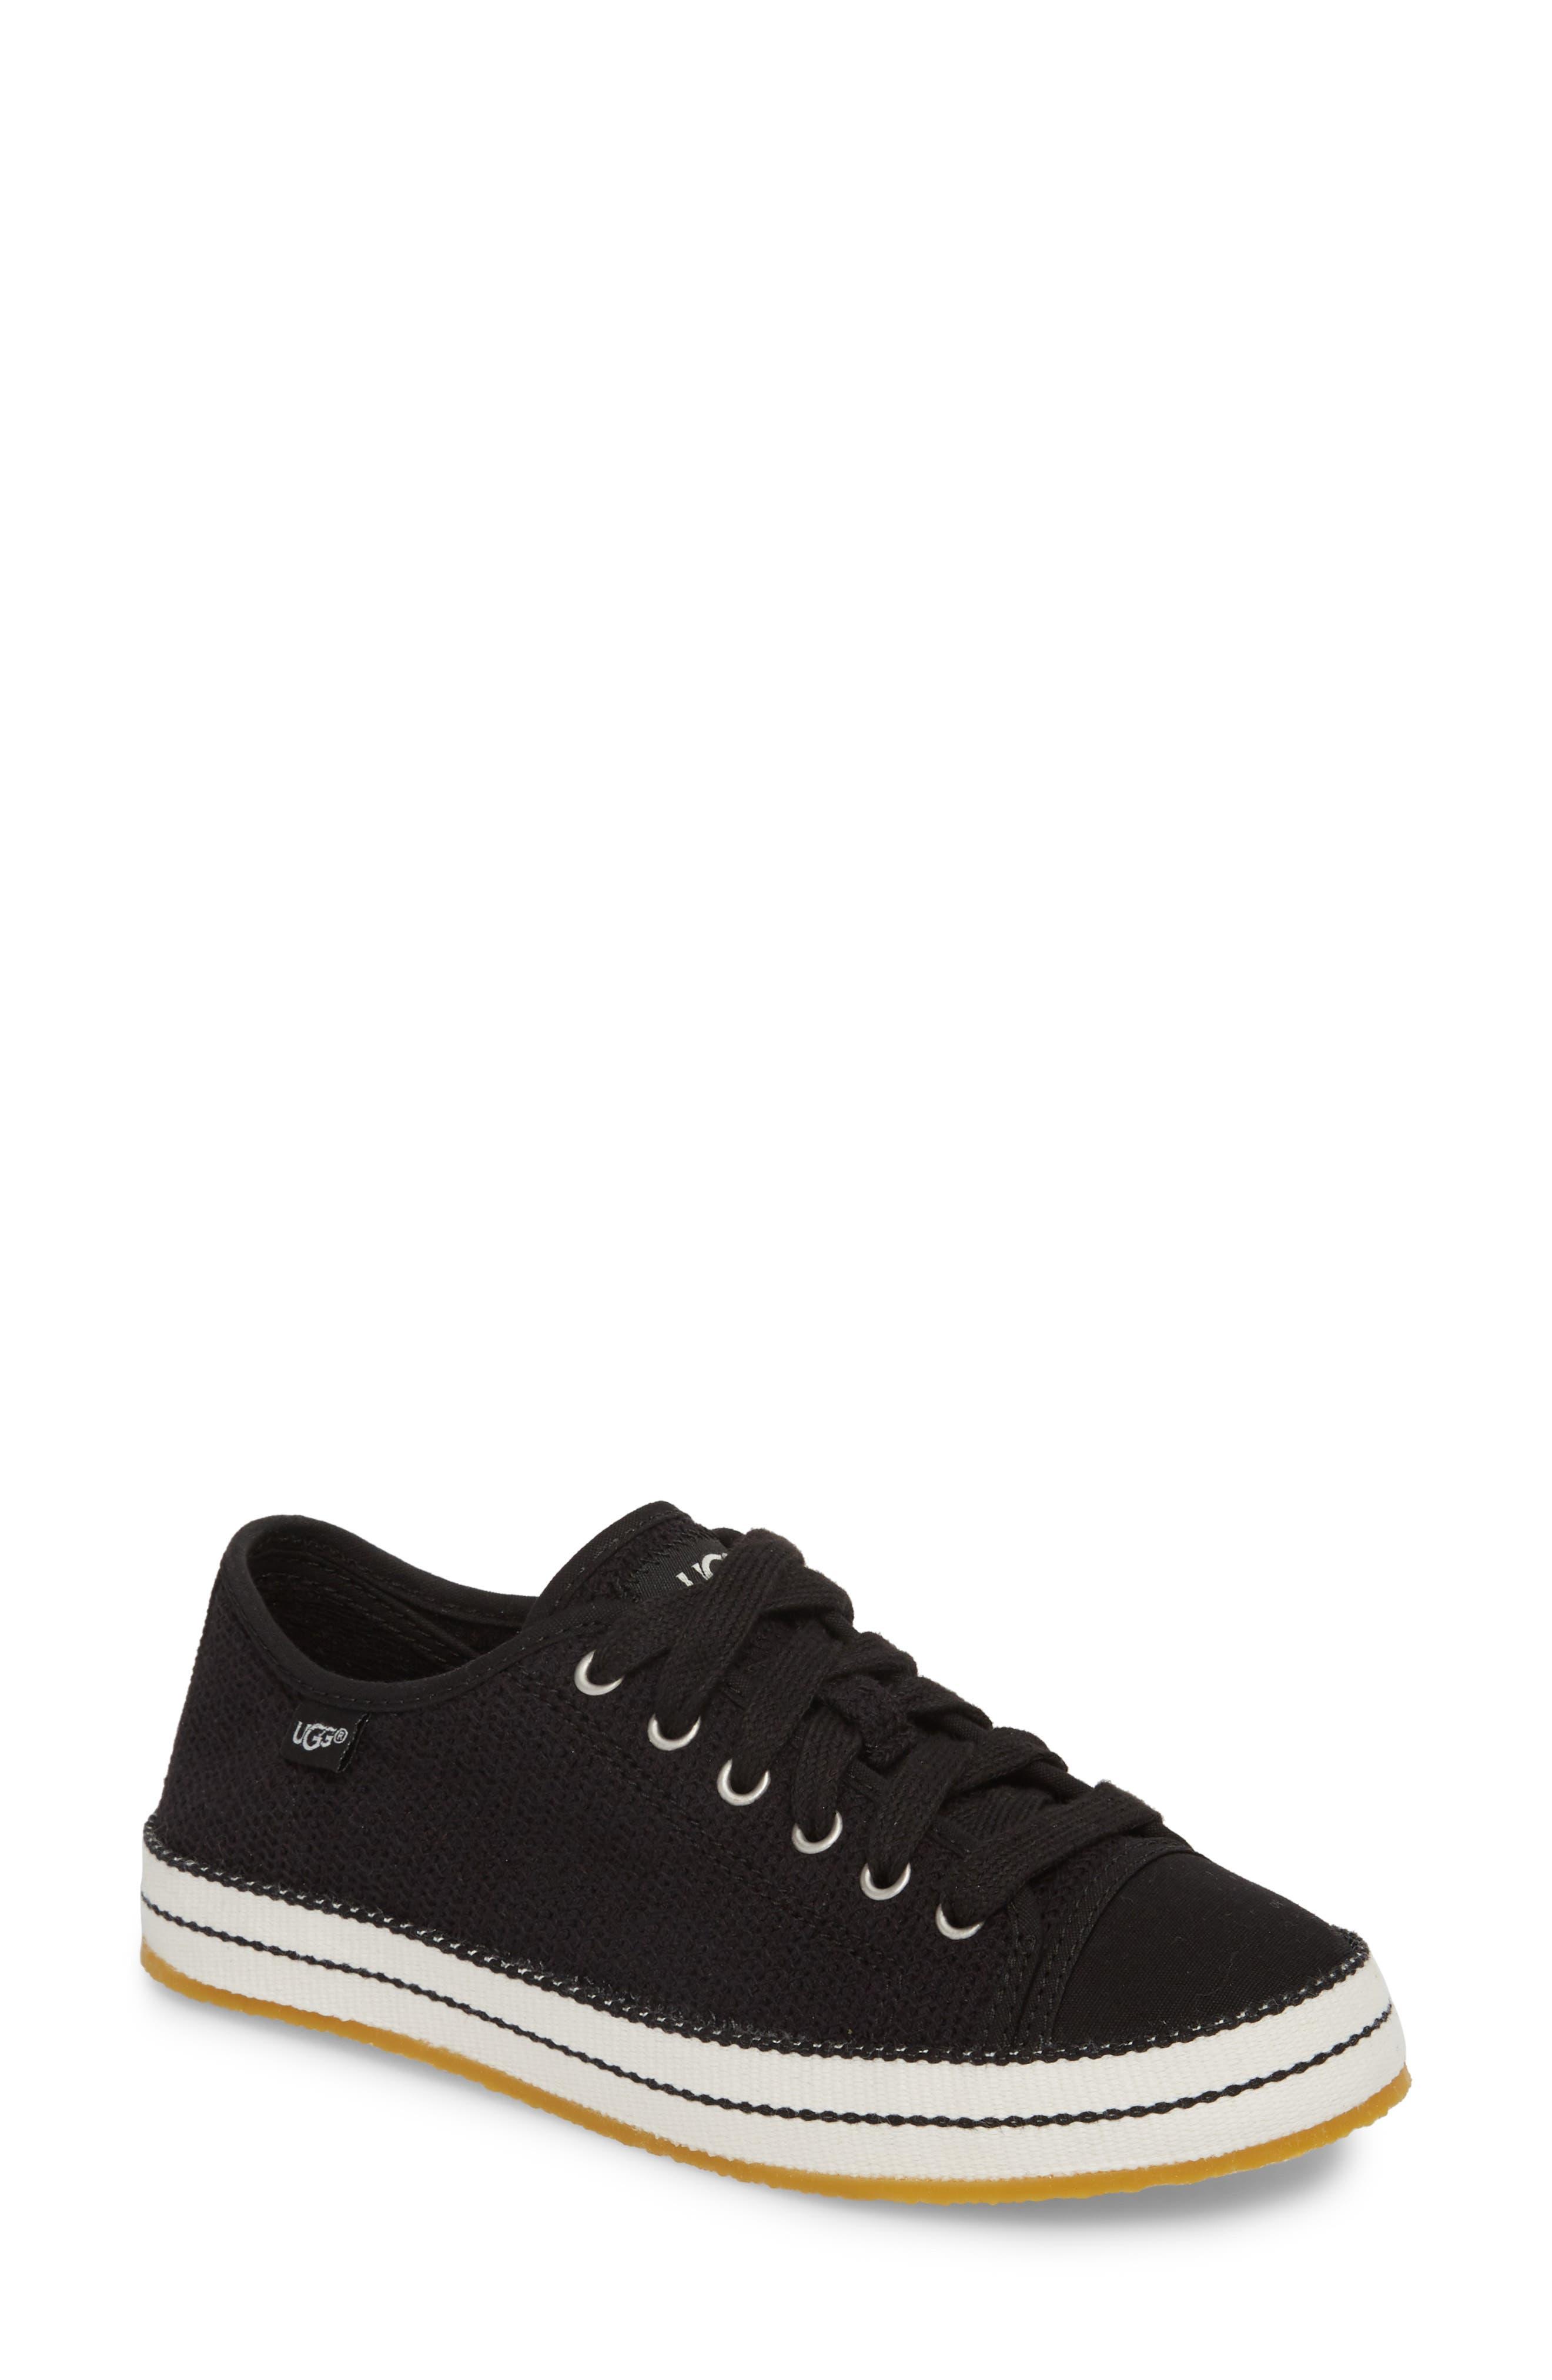 Ugg Claudi Sneaker, Black